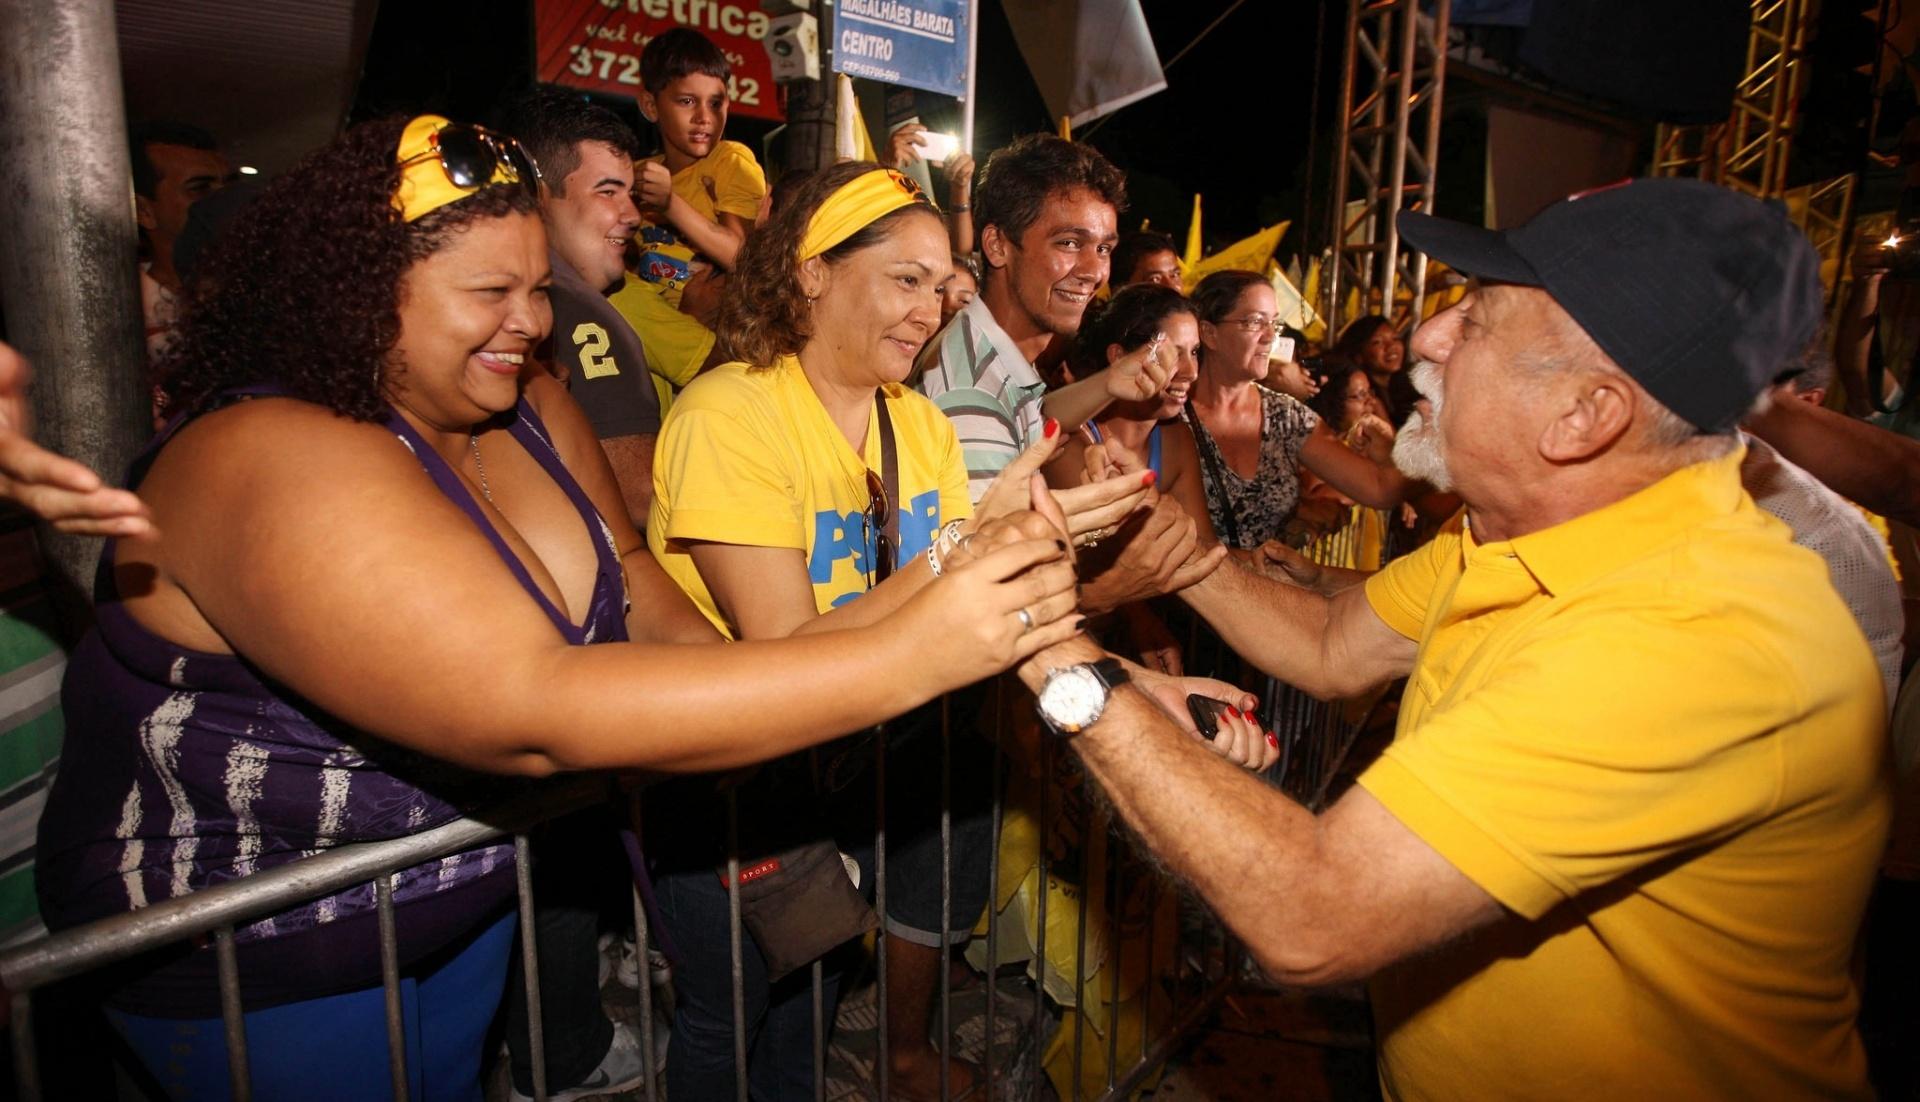 2.out.2014 - O governador do Pará, Simão Jatene (PSDB), candidato à reeleição, fez caminhada e comício no município de Castanhal, acompanhado por lideranças políticas da coligação